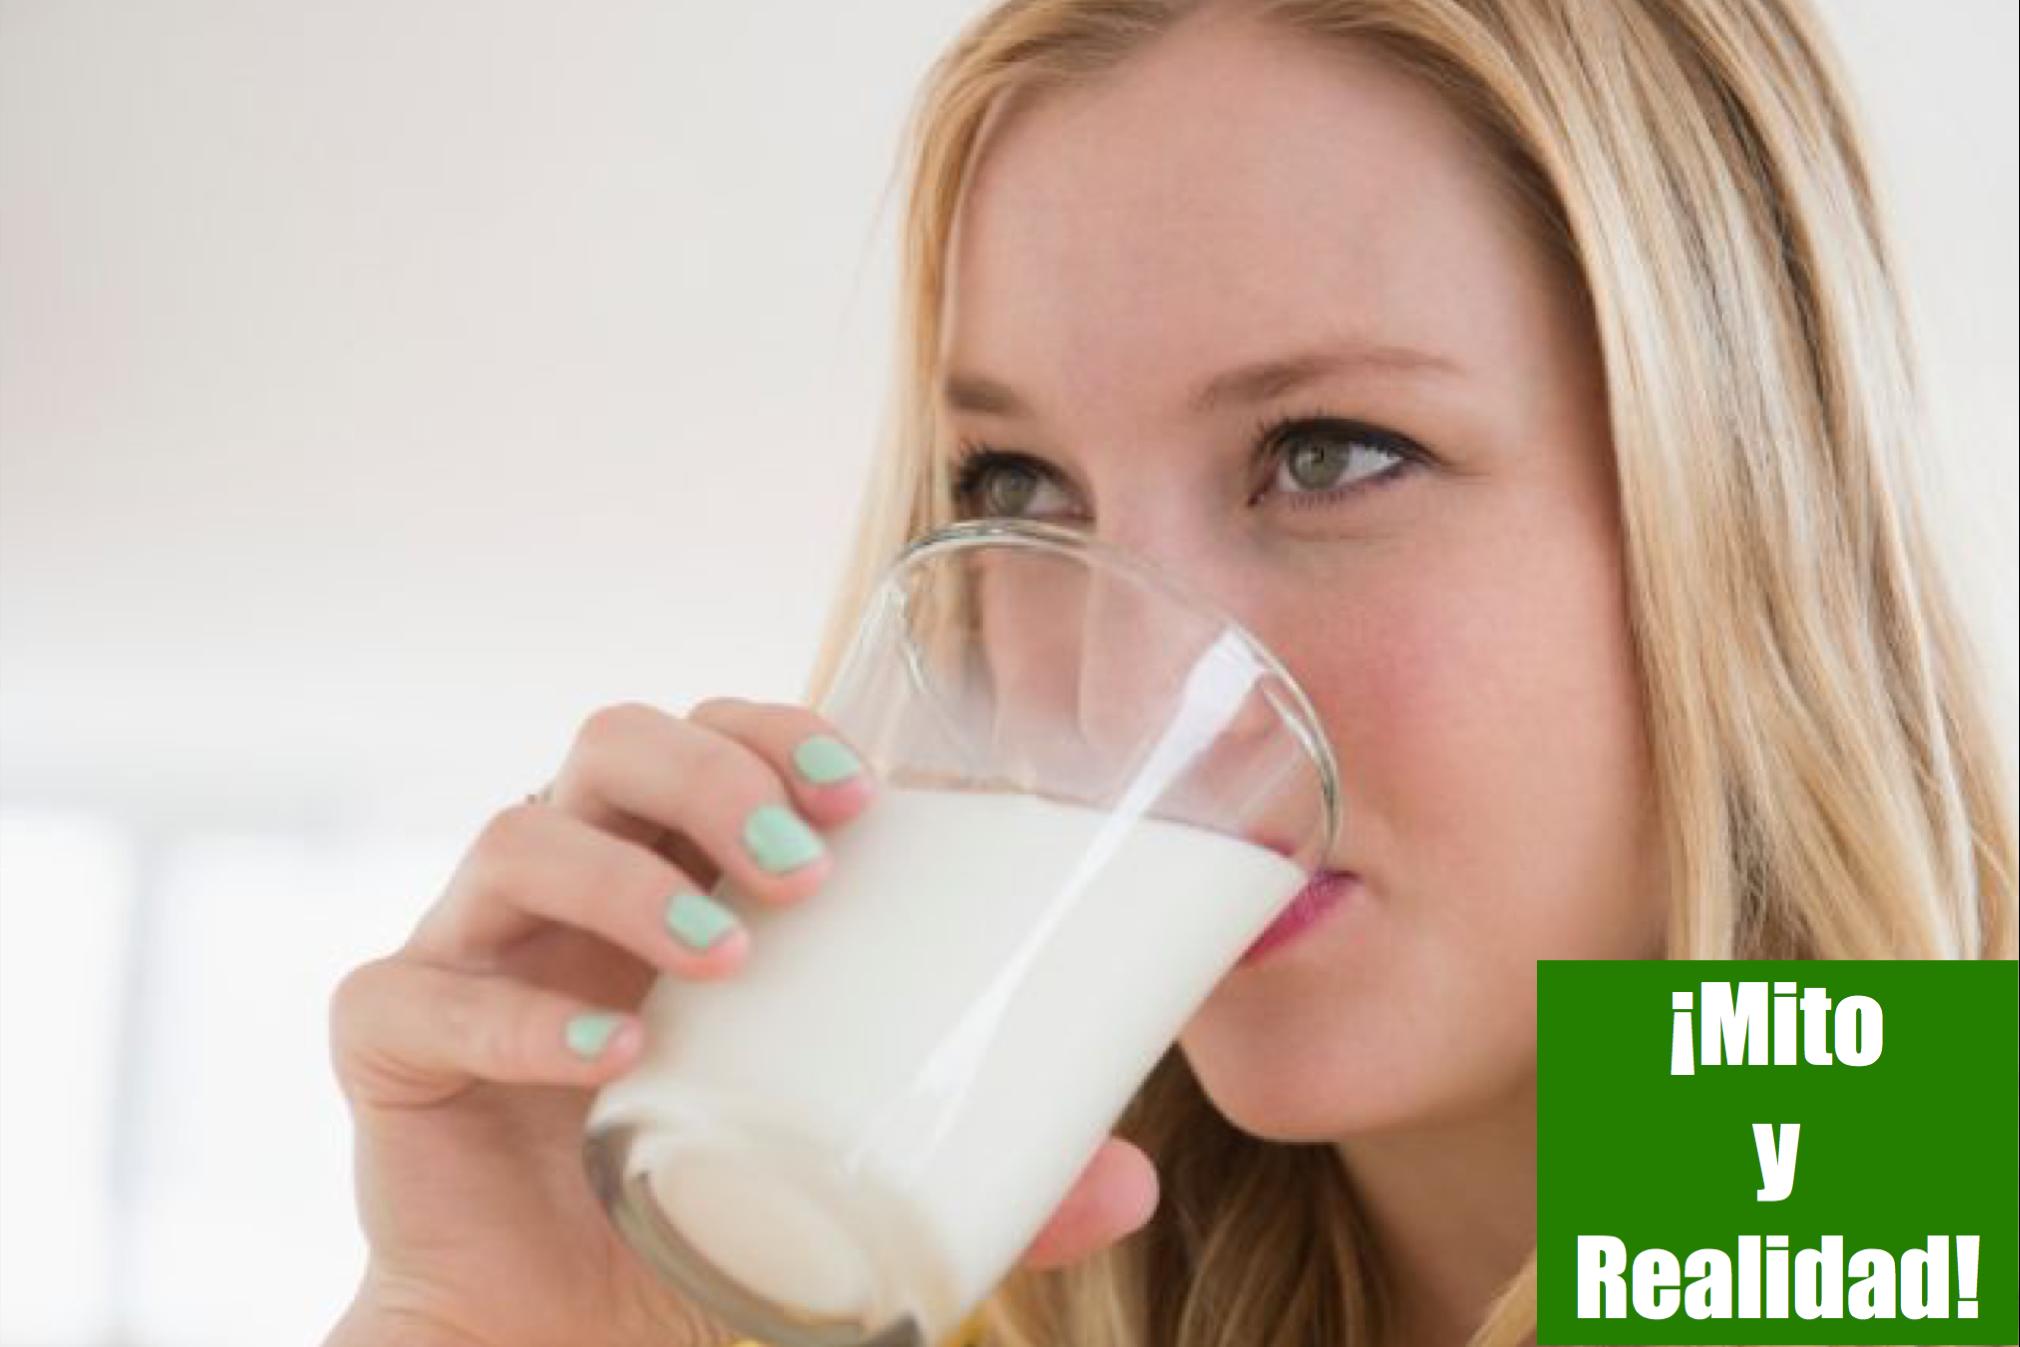 ¡Mito y Realidad! #26 (La leche)